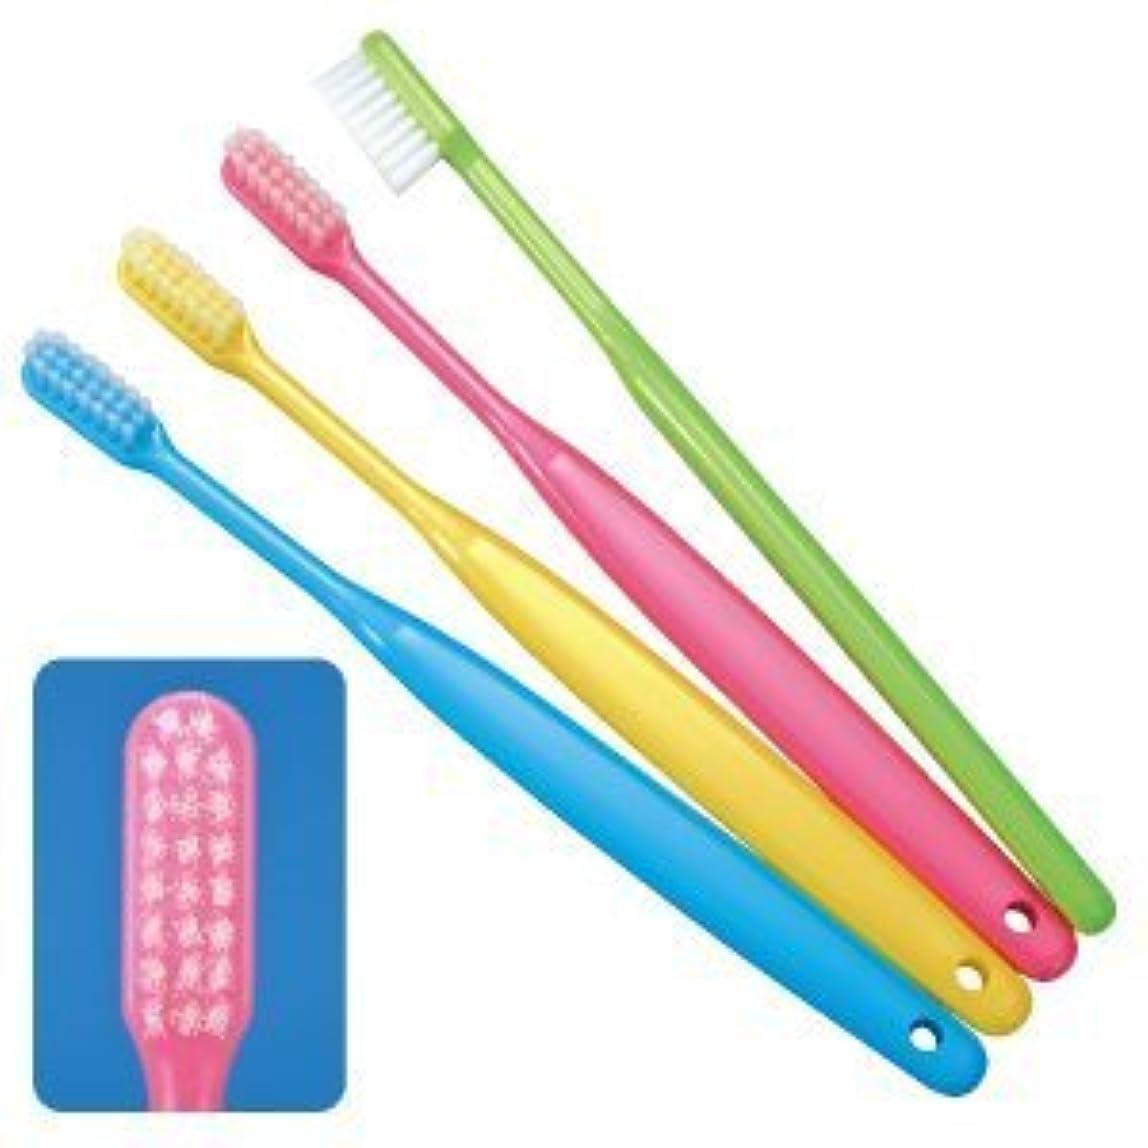 完璧な無能受粉するCi バリュー歯ブラシ Sやわらかめ ピンク 50本入り